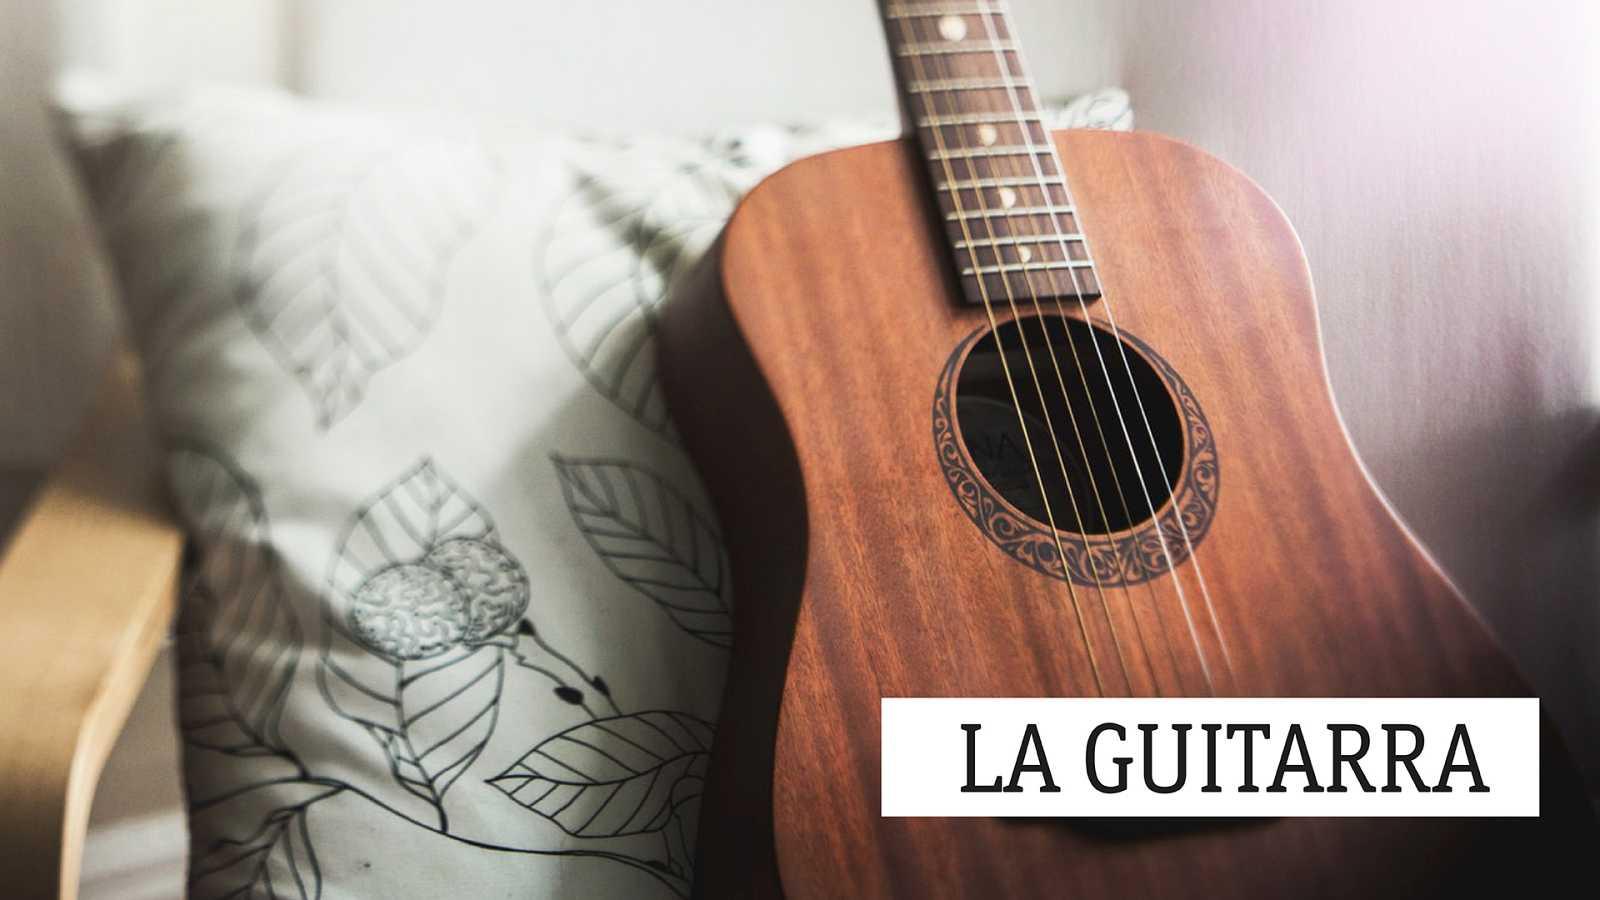 La guitarra - Música rusa para guitarra - 15/11/20 - escuchar ahora